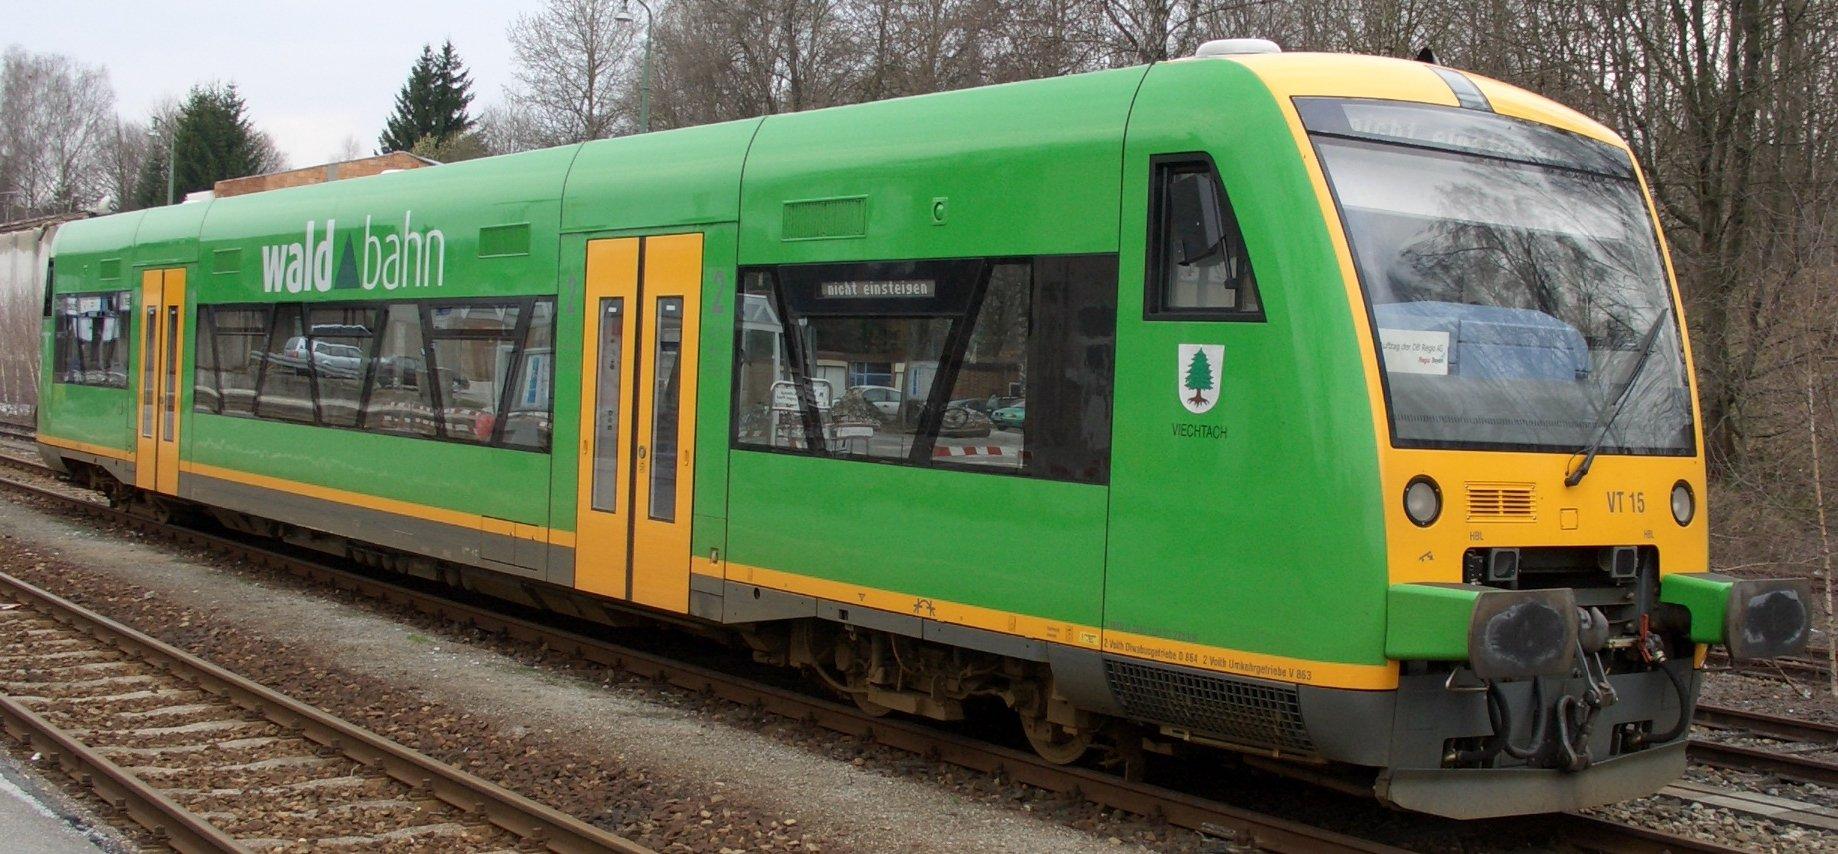 Triebwagen VT 15 der Waldbahn im Bahnhof ZwieselHans Schlieper in der Wikipedia auf Deutsch • Public domain